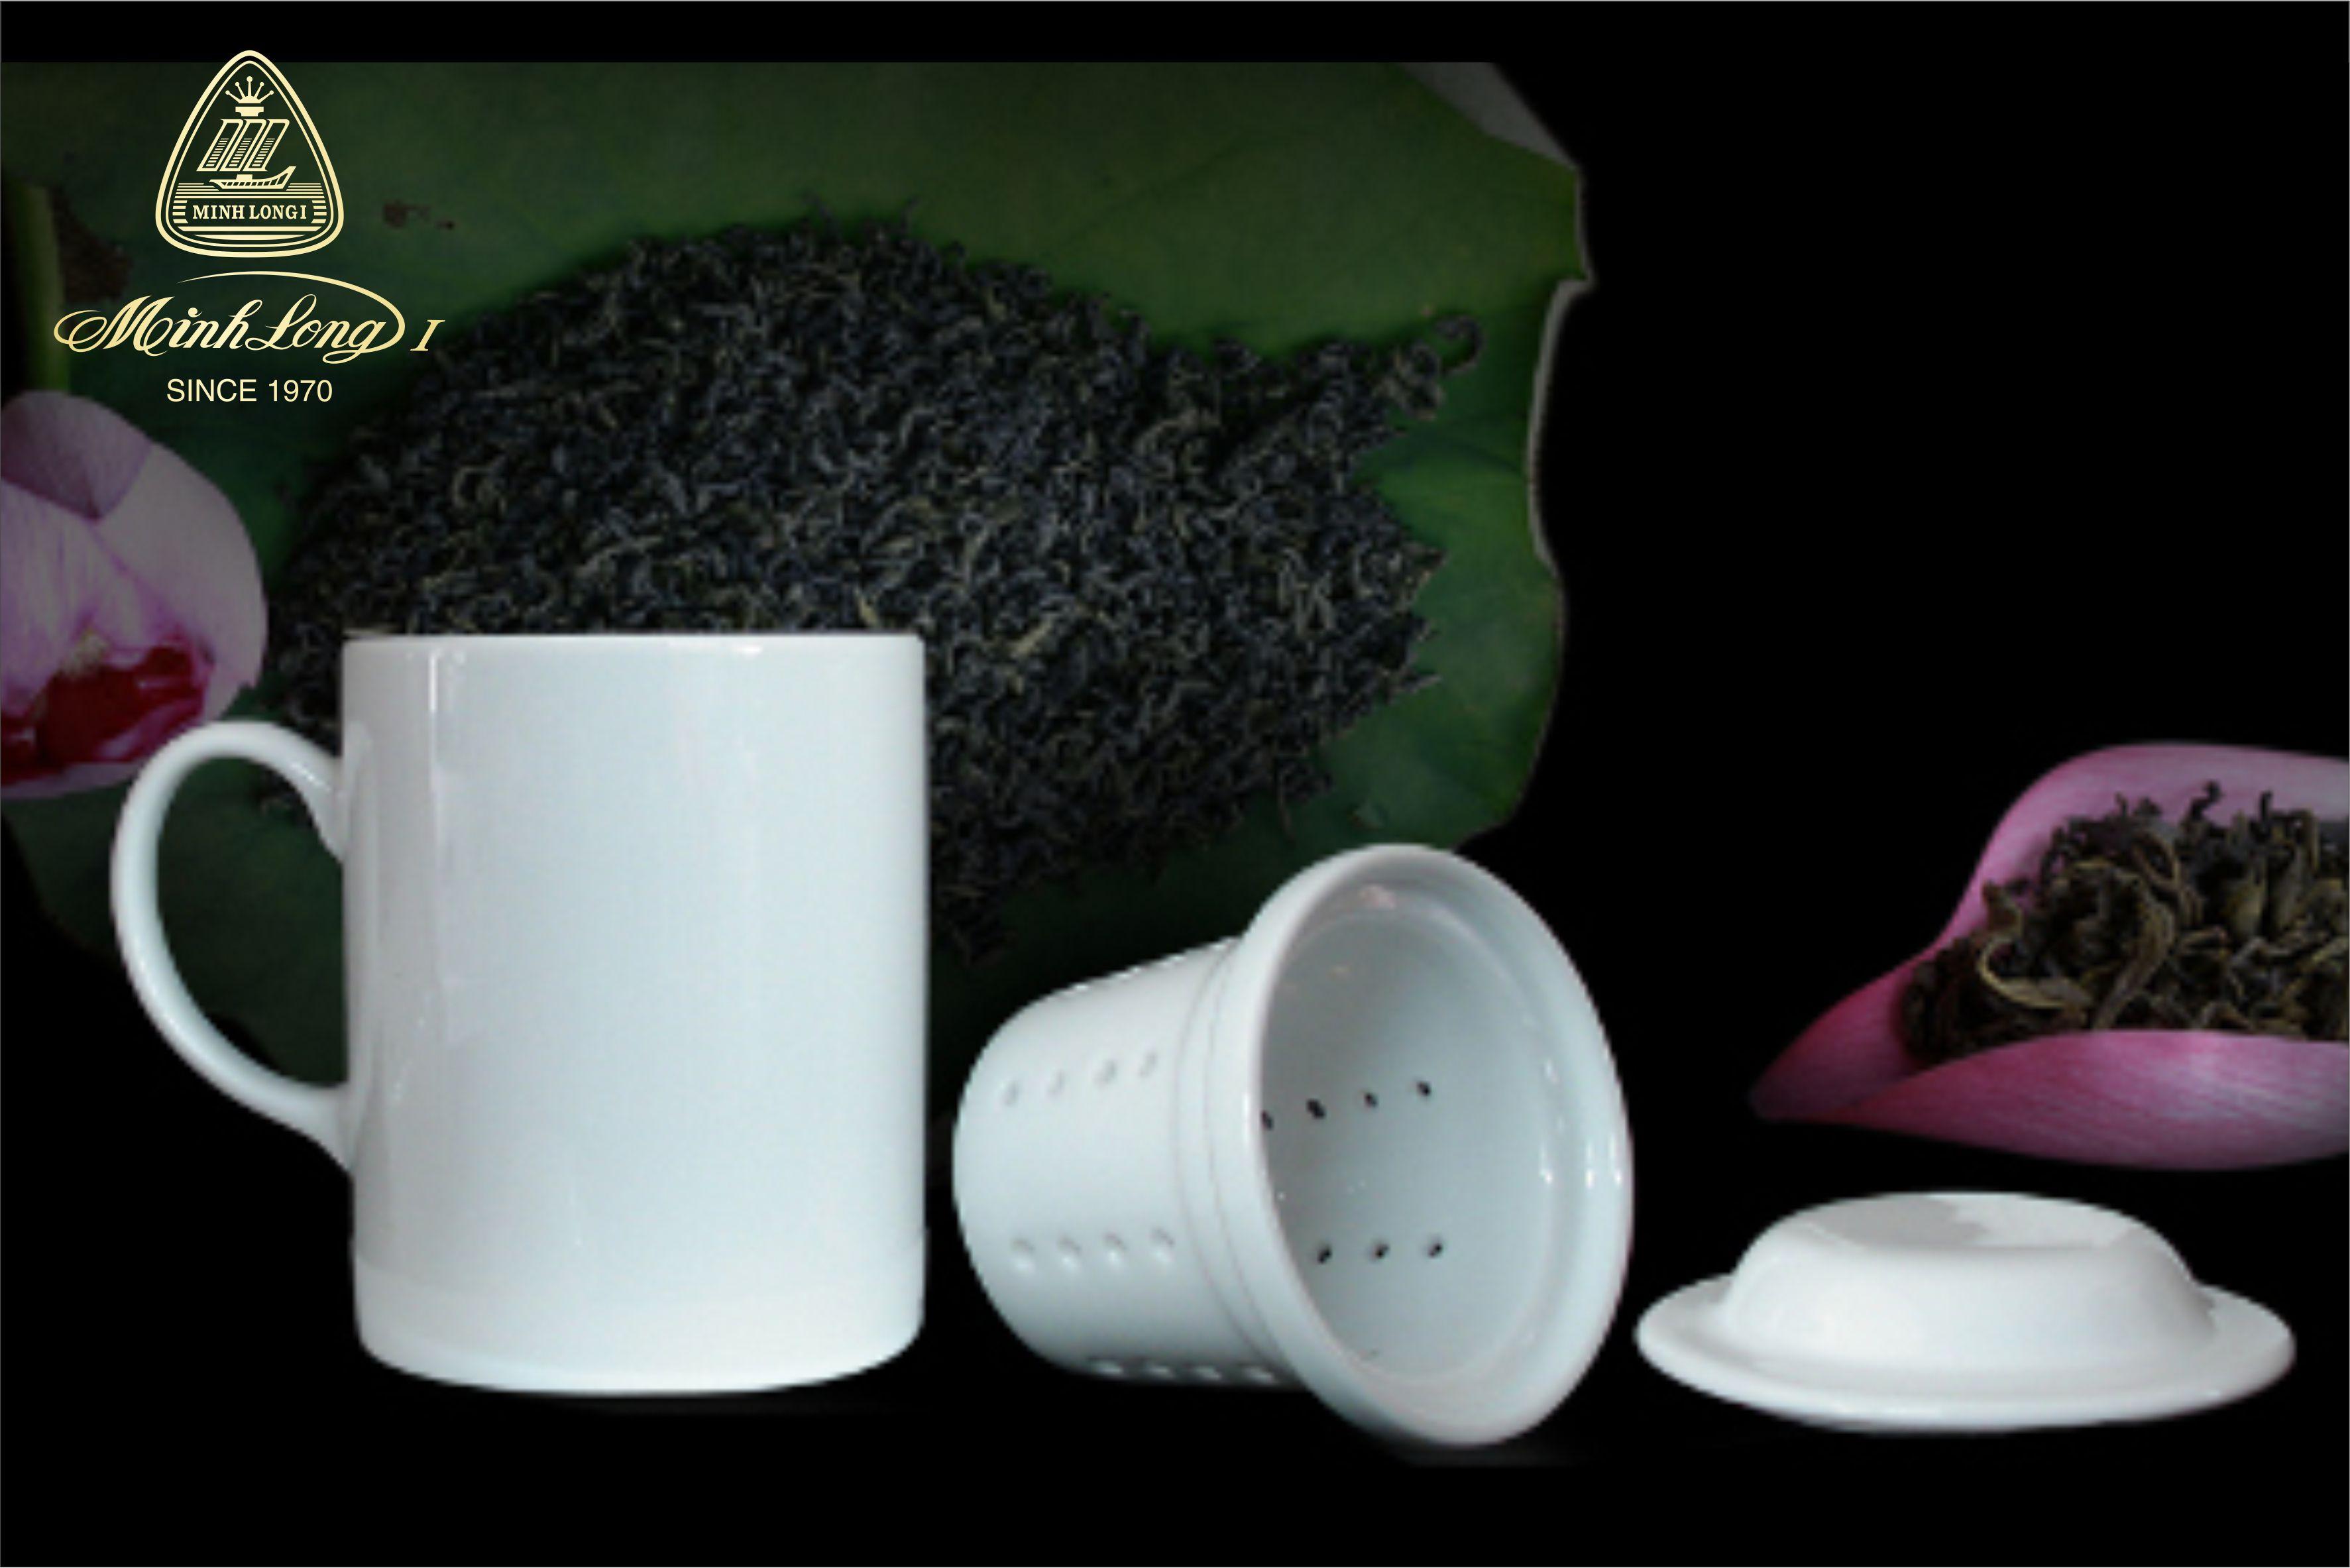 Bộ ca Lọc trà JAS Trắng 15300400003 Minh Long